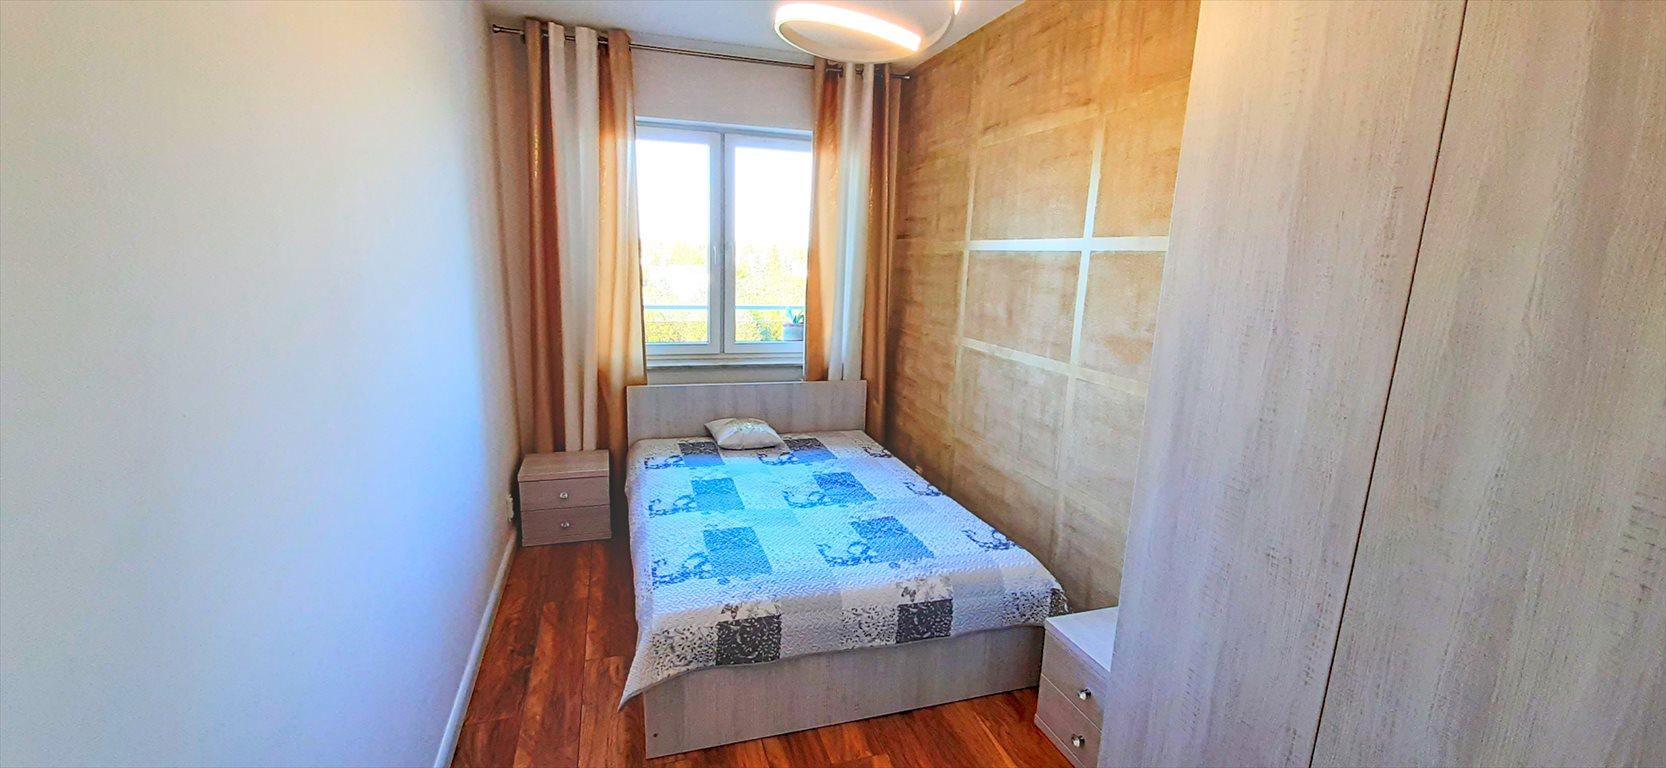 Mieszkanie dwupokojowe na wynajem Suwałki  47m2 Foto 2